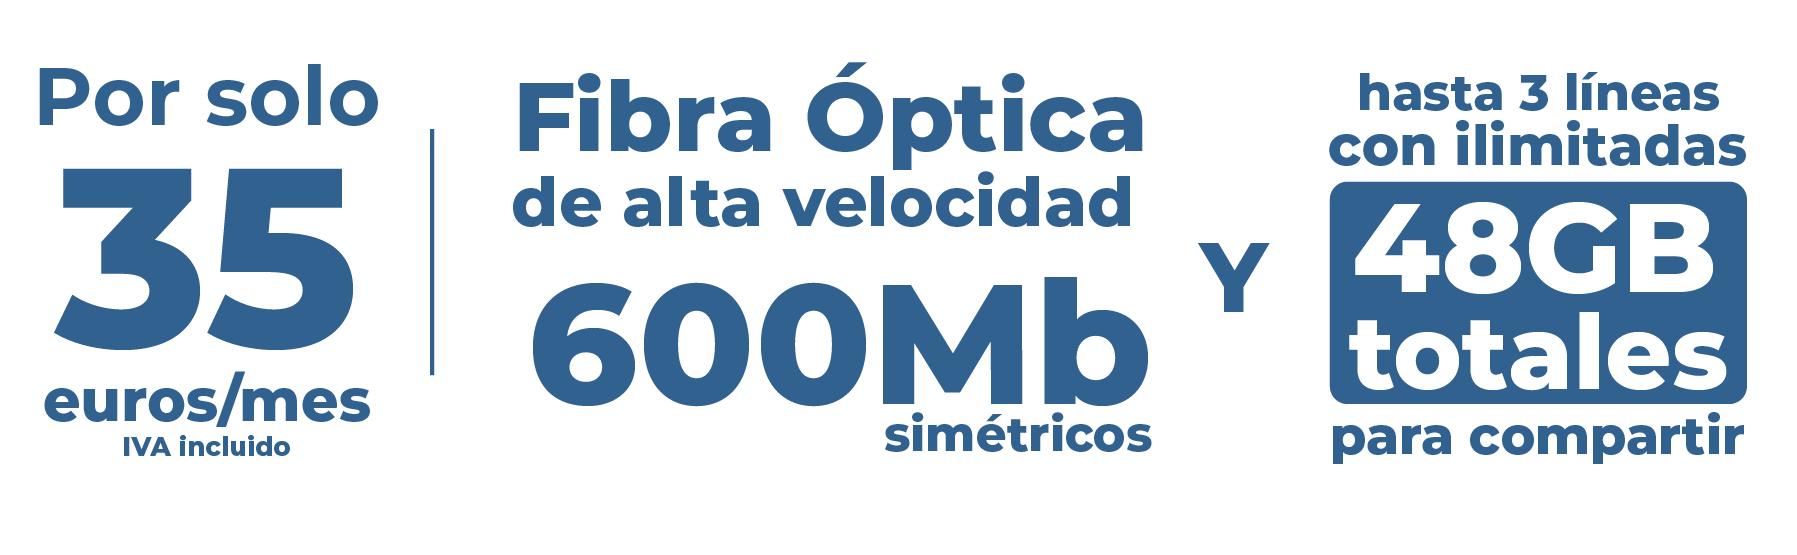 Fibra 600 + 3 Líneas + 48 GB a repartir + Línea Fija por 35 euros. Instalación gratuita. ¿Se puede pedir más? [Zona C.Valenciana]